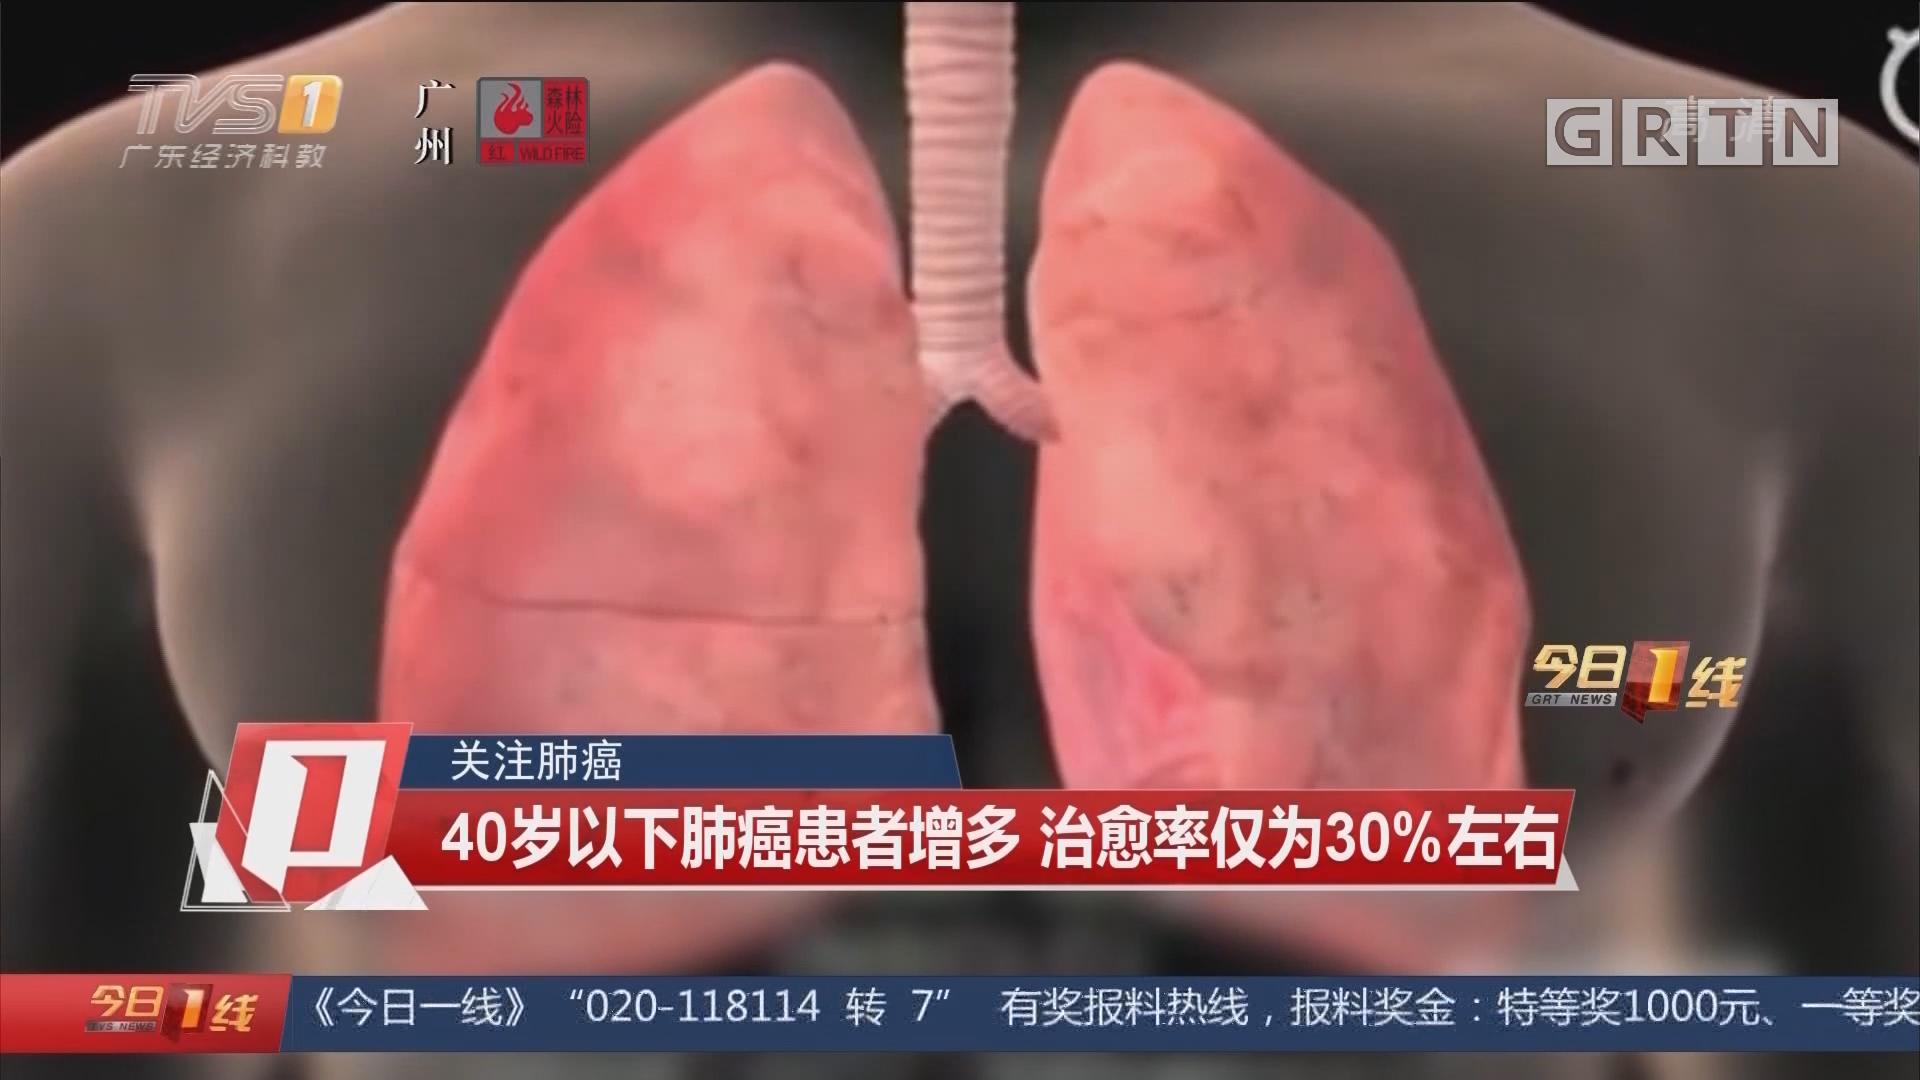 关注肺癌:40岁以下肺癌患者增多 治愈率仅为30%左右